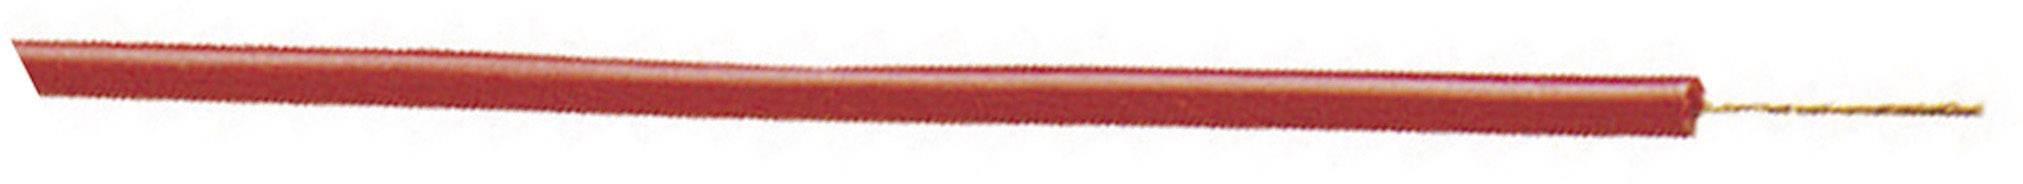 Opletenie / lanko Stäubli 61.7553-10027 SILI-E, 1 x 0.75 mm², vonkajší Ø 2.70 mm, metrový tovar, hnedá